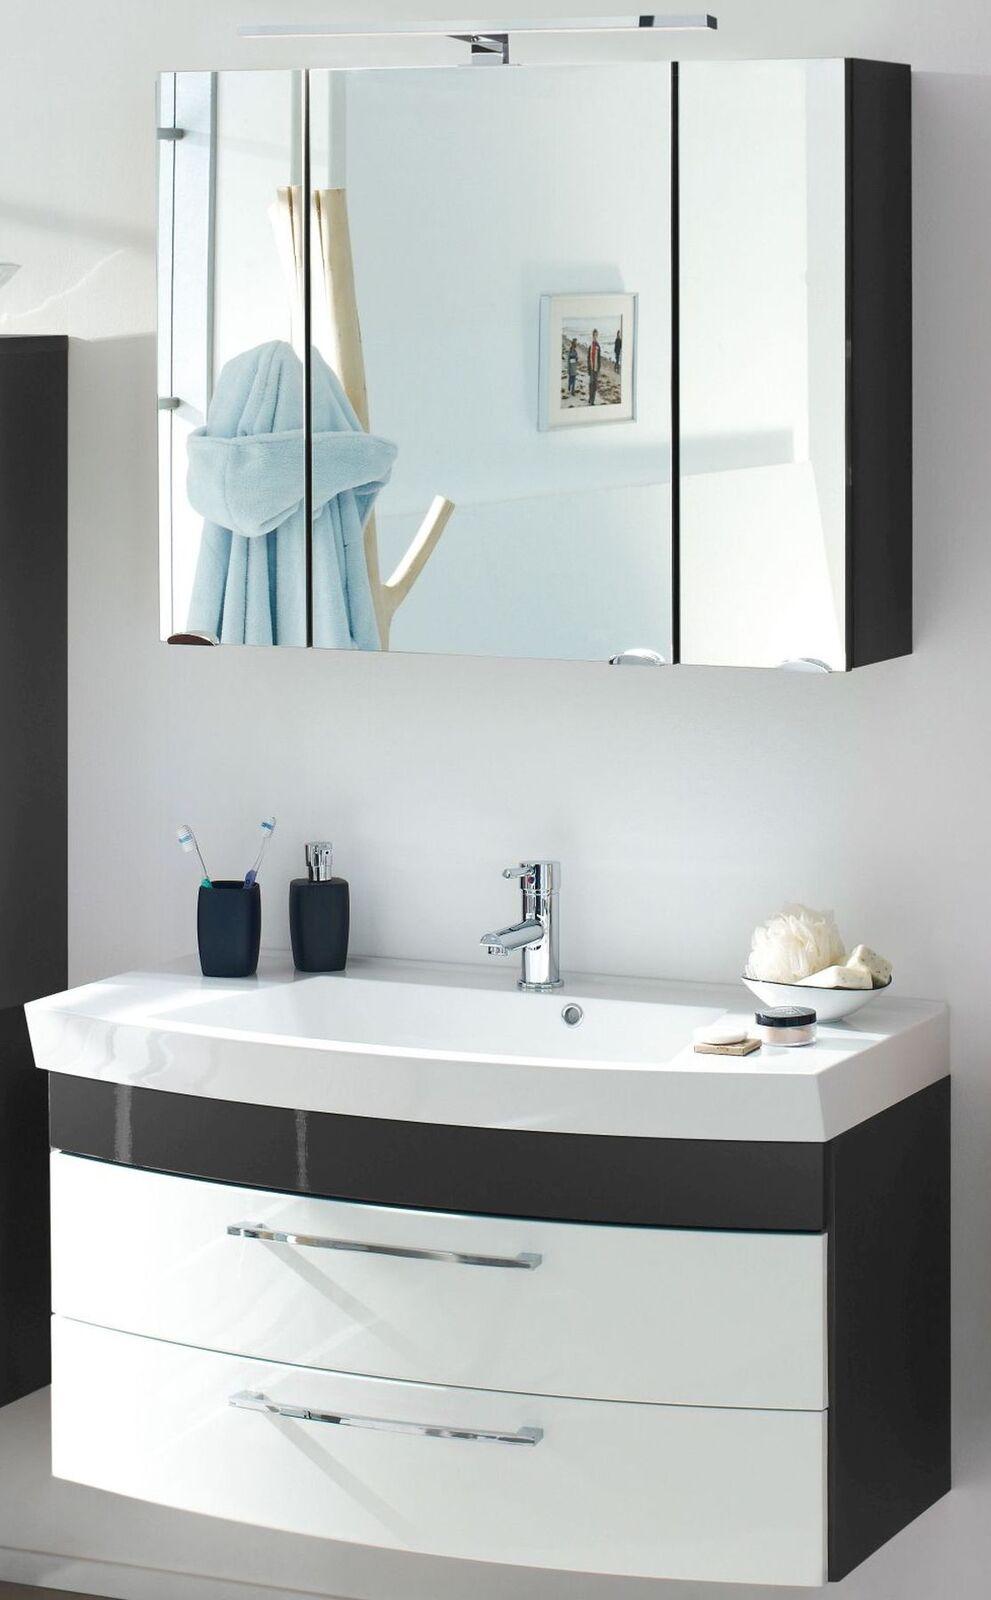 badm bel badset 100 cm waschtisch led spiegelschrank bad set badezimmer m bel kaufen bei. Black Bedroom Furniture Sets. Home Design Ideas